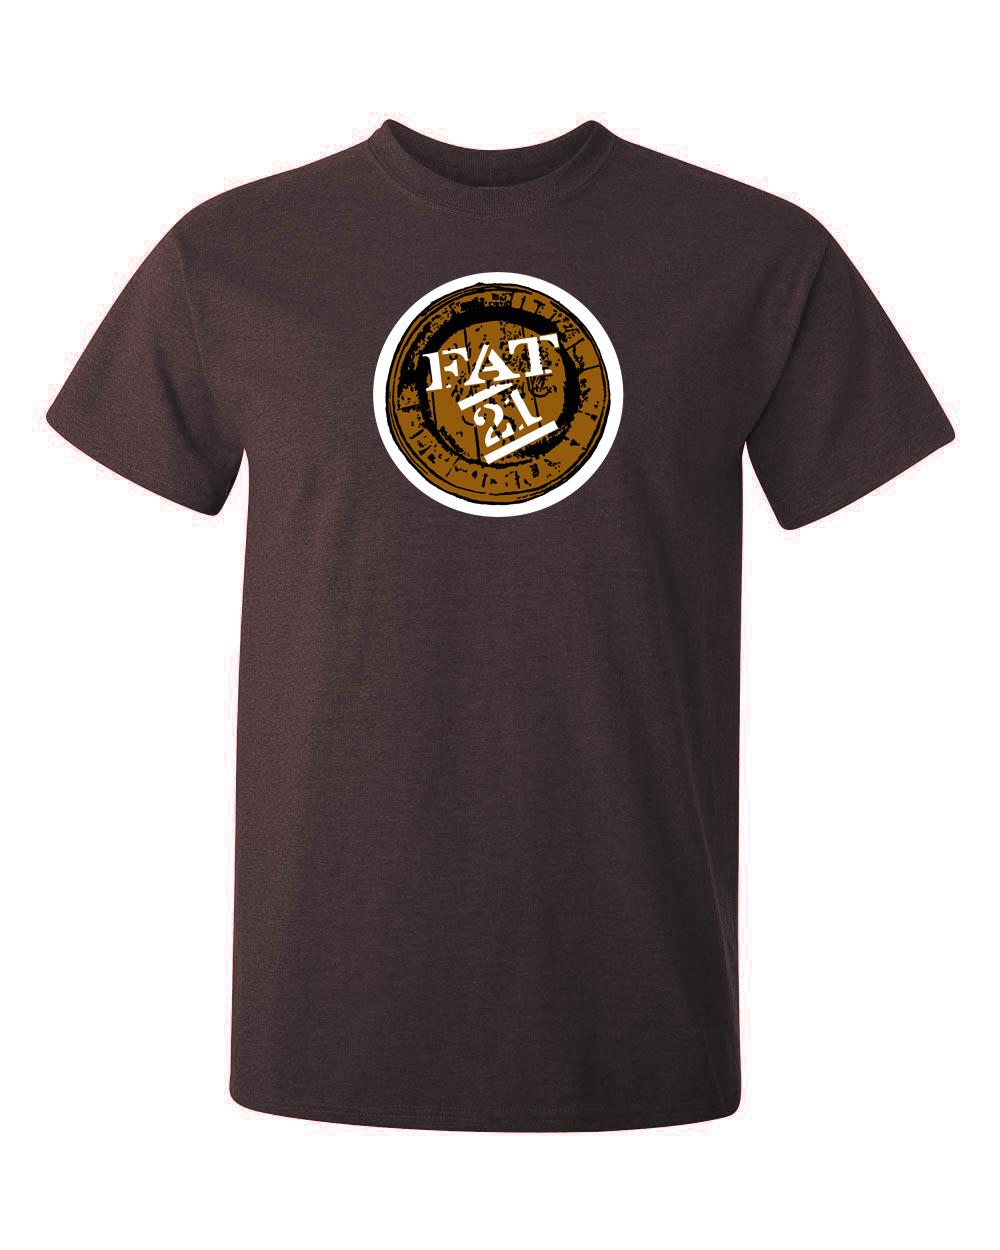 FAT21 logga tryckt på en t-shirt av hög kvalitet